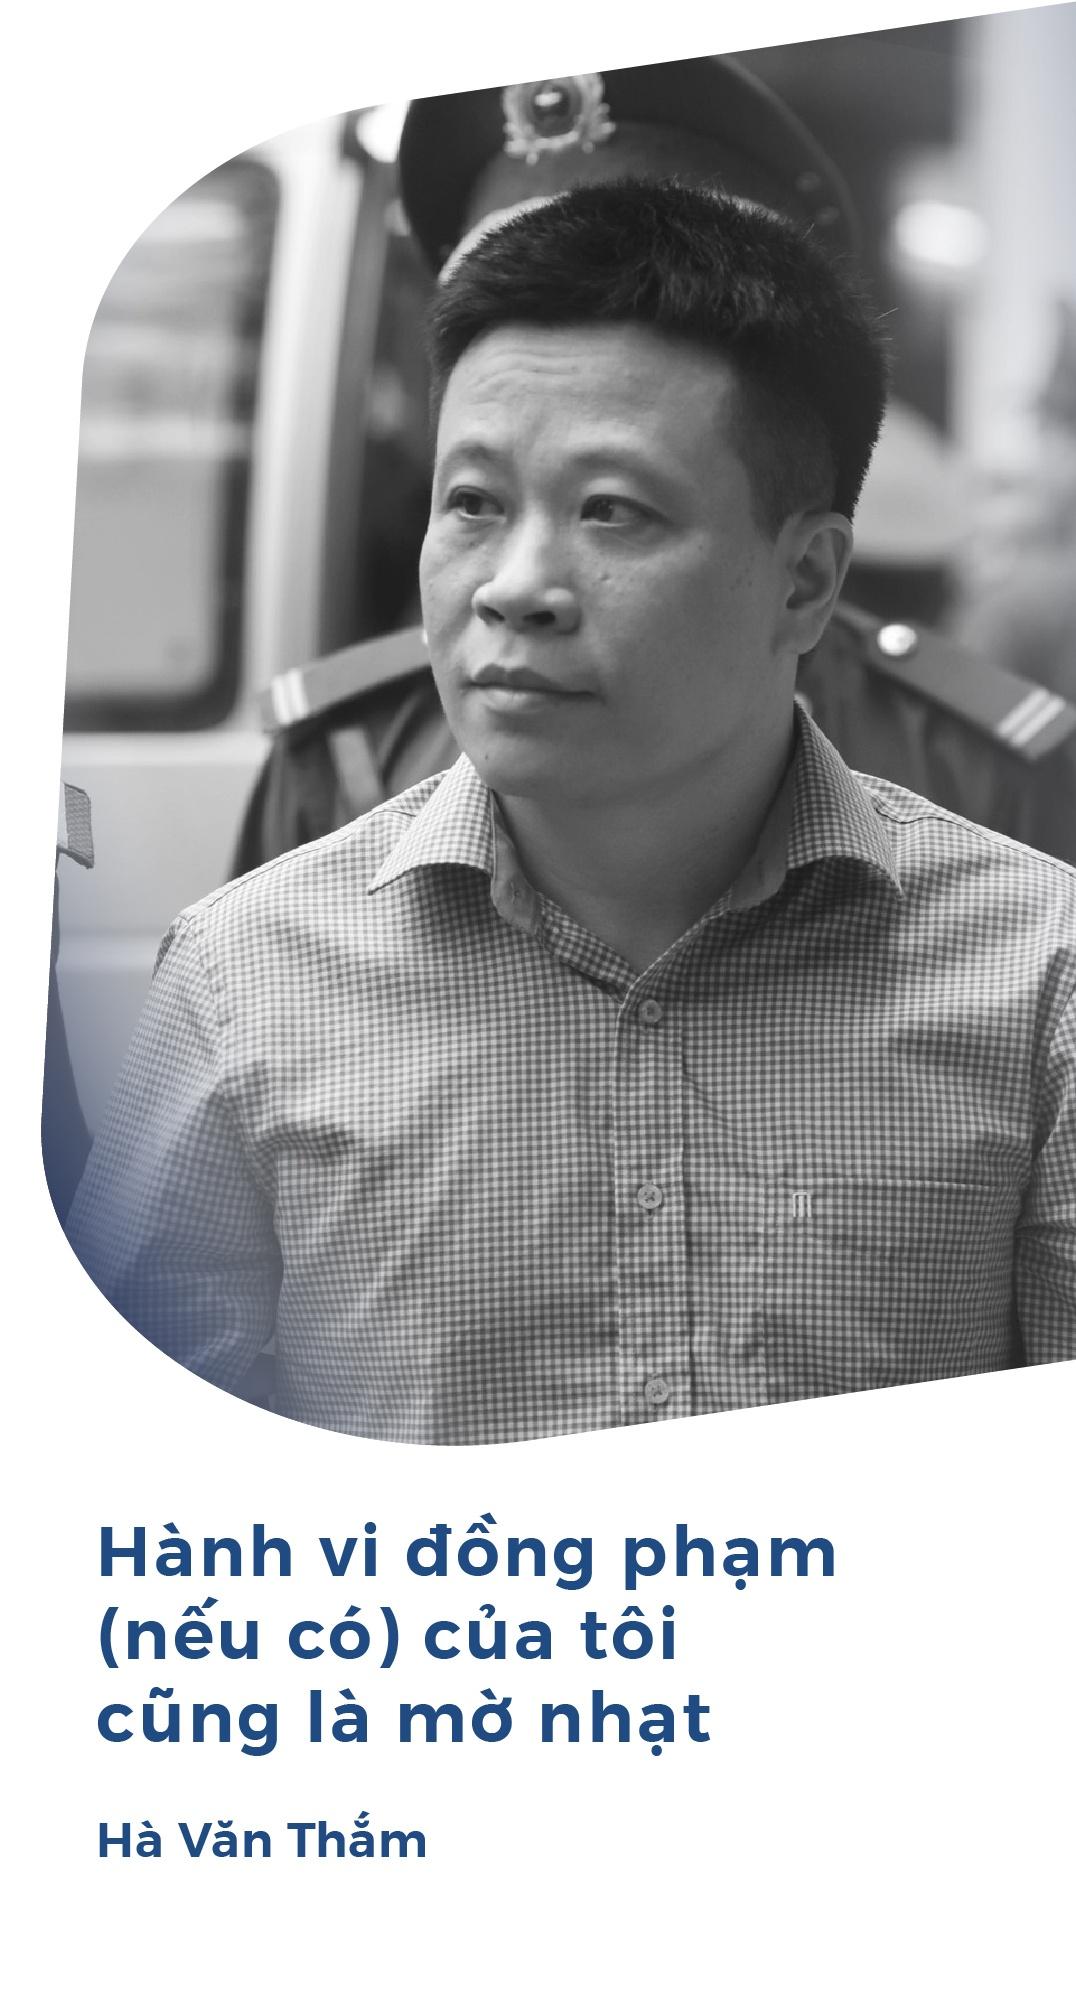 Ha Van Tham thoai mai truoc khi ra hau toa phien phuc tham hinh anh 1